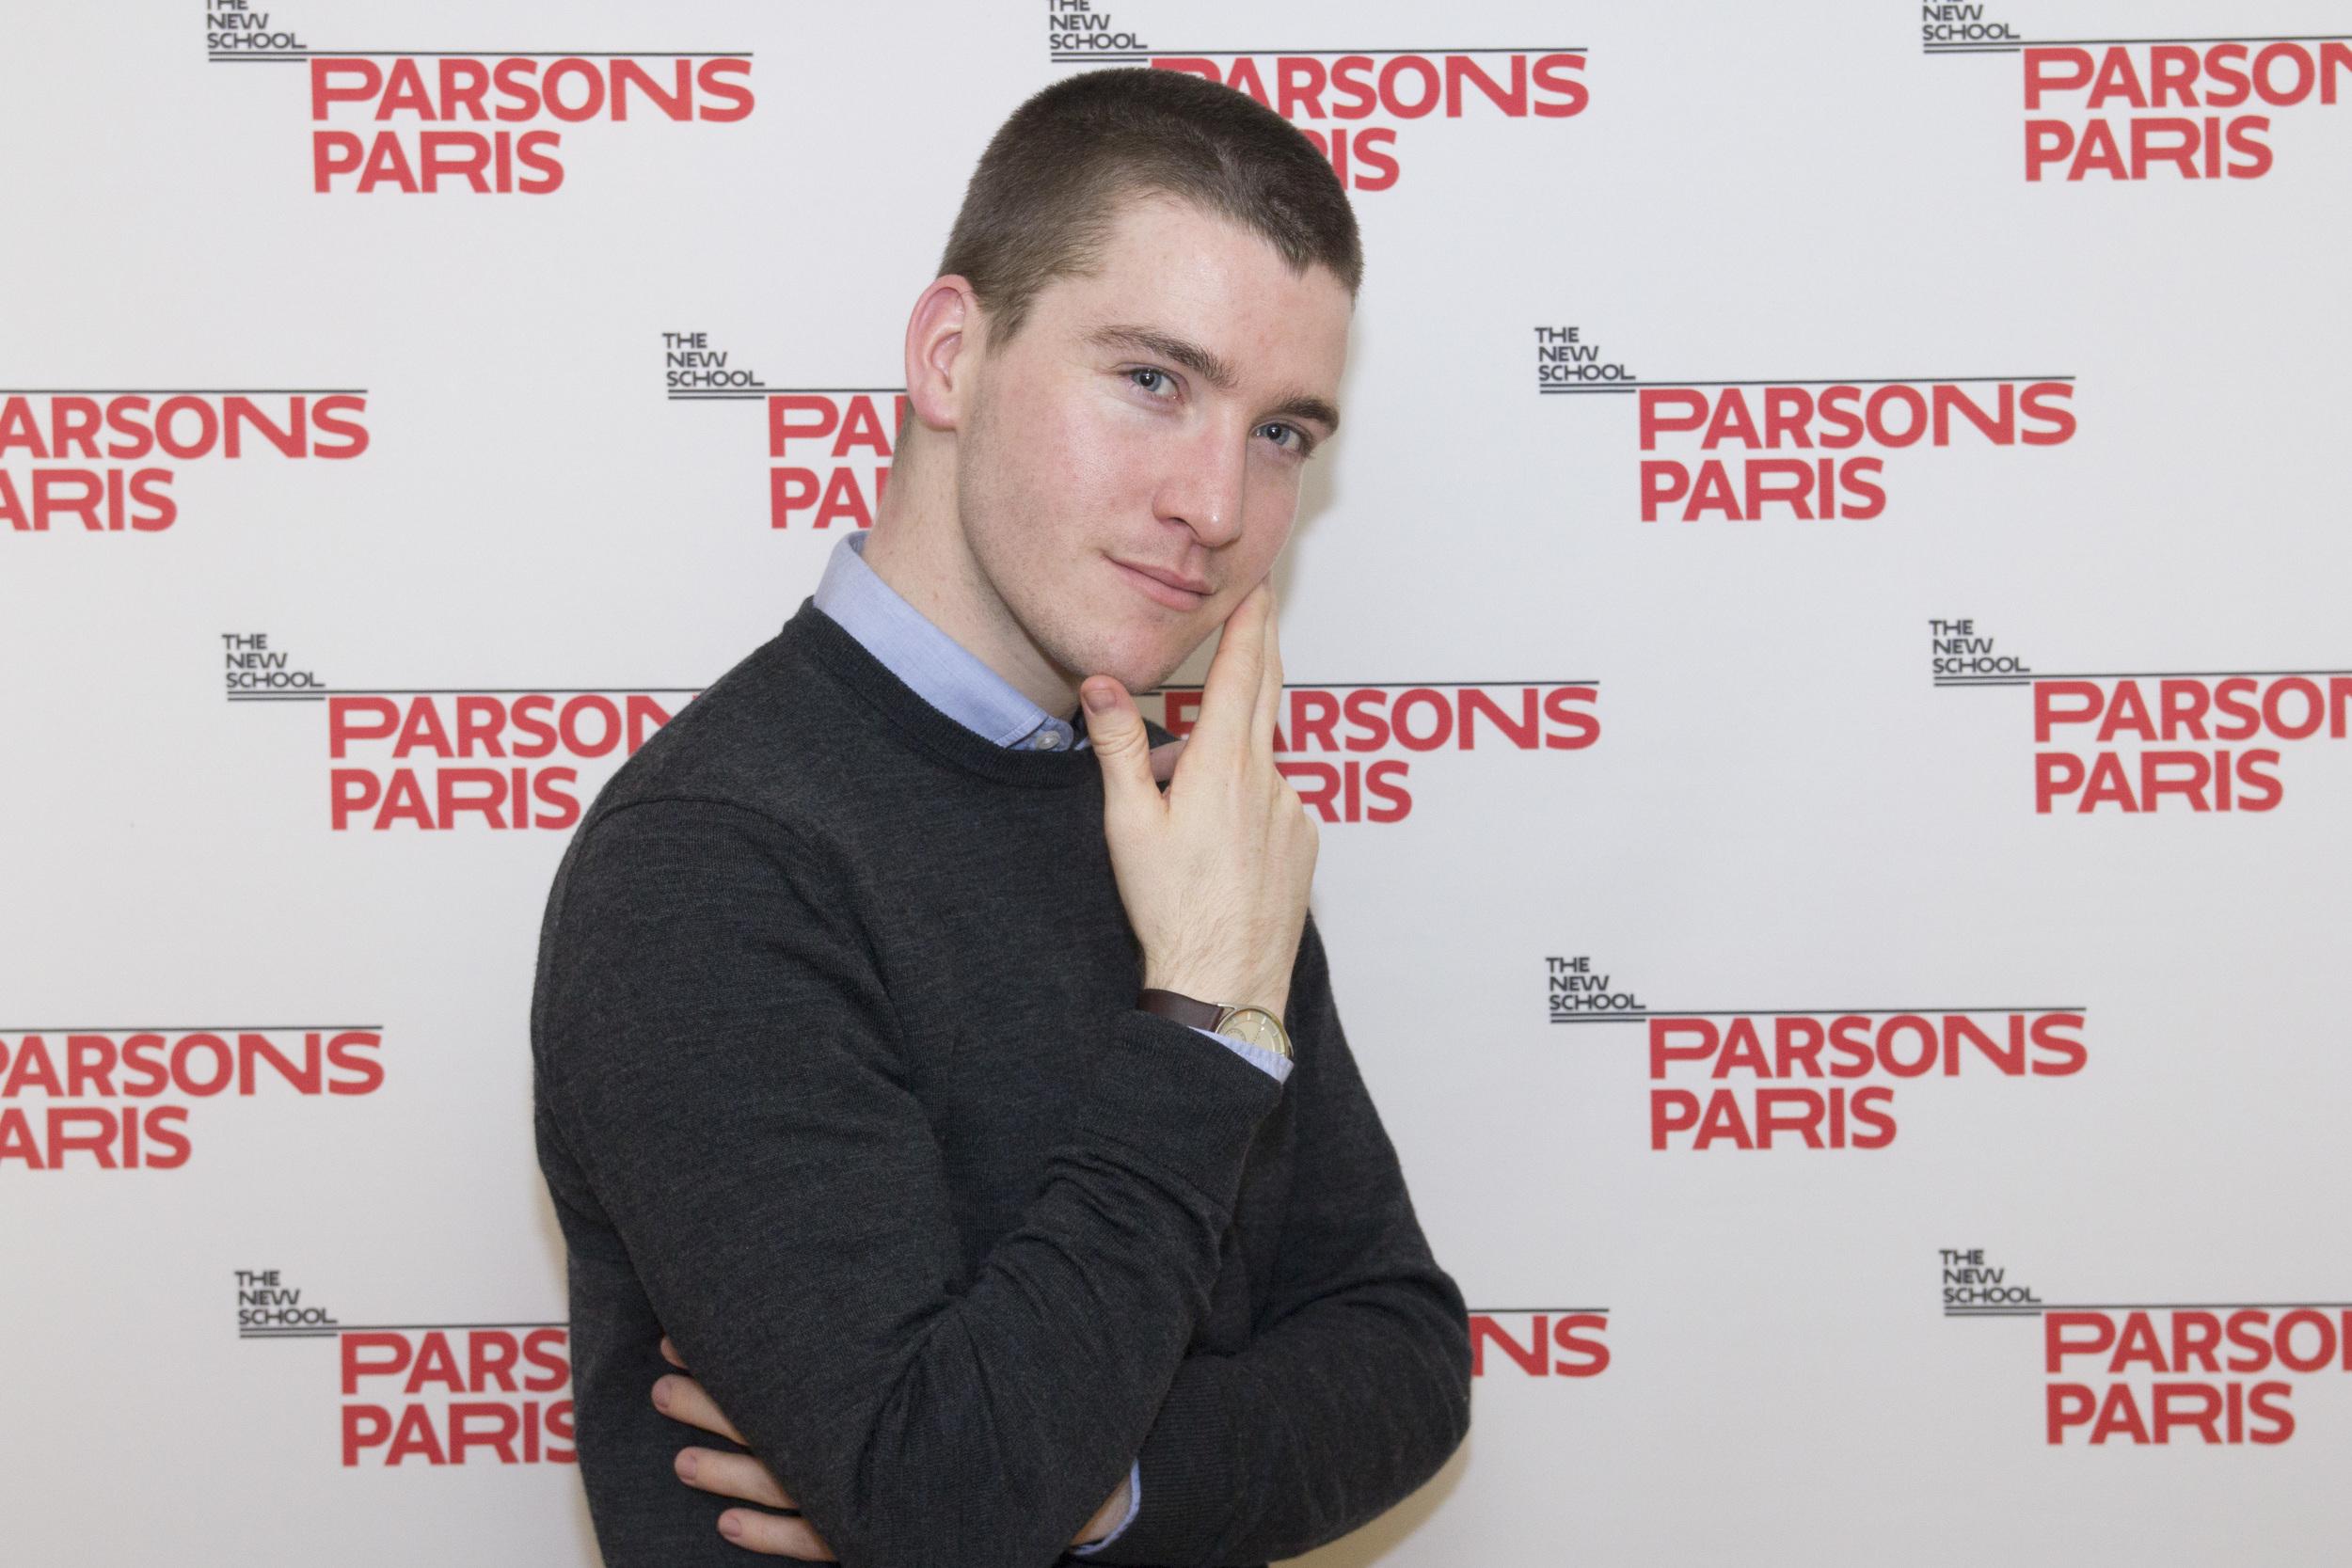 TNS_ParsonsParis_Graduation_166.jpg